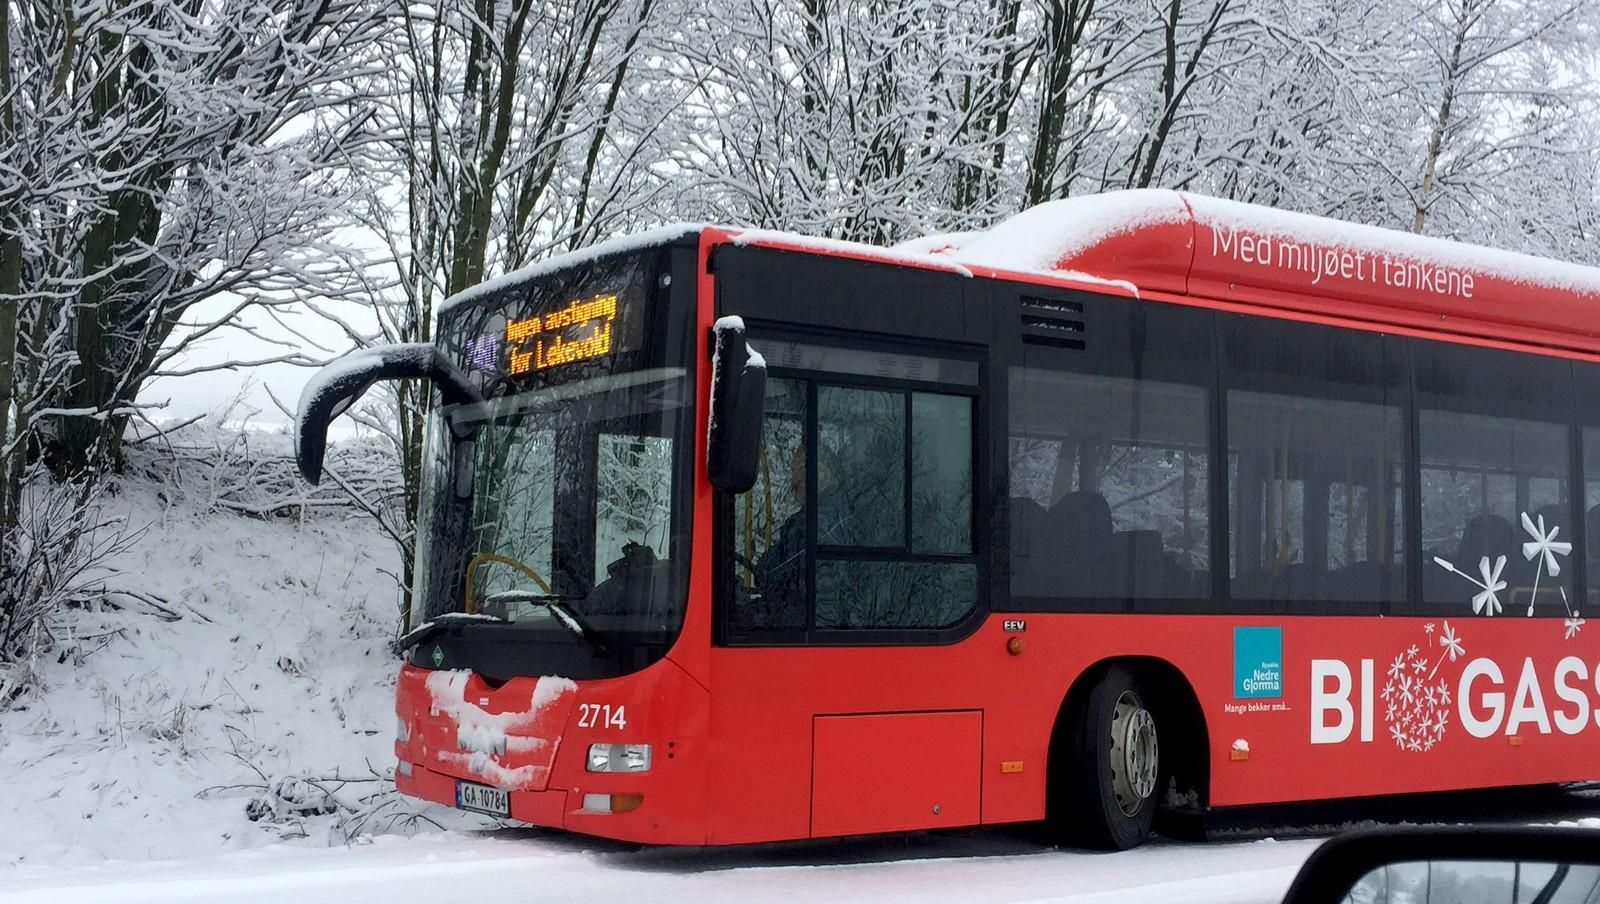 Flere busser har kjørt av veien. Denne ligger i grøfta ved Vesten i Fredrikstad.